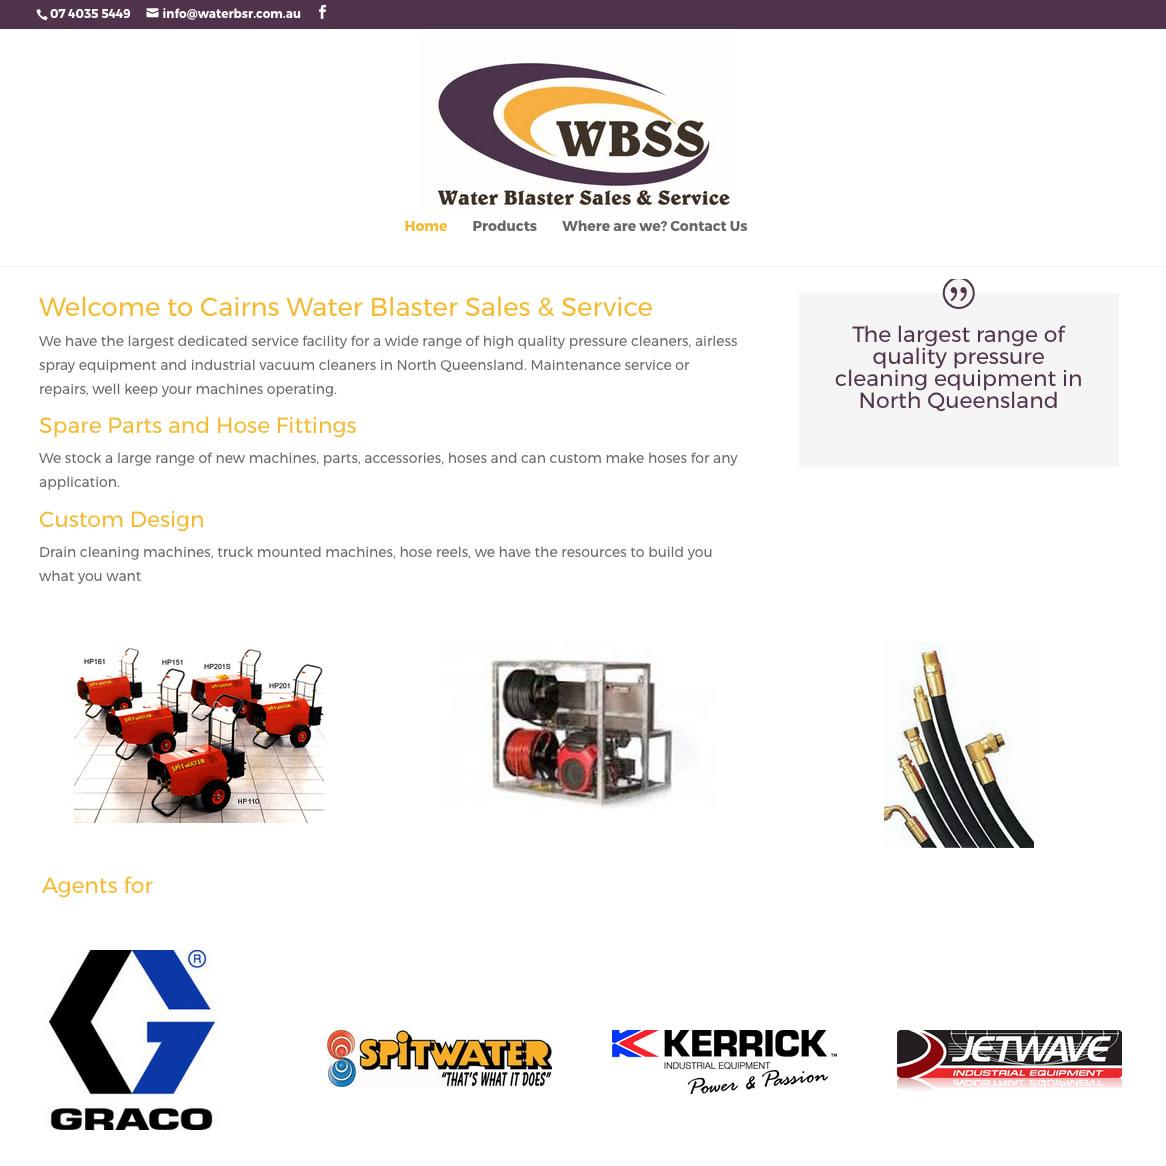 Water Blaster Sales & Service